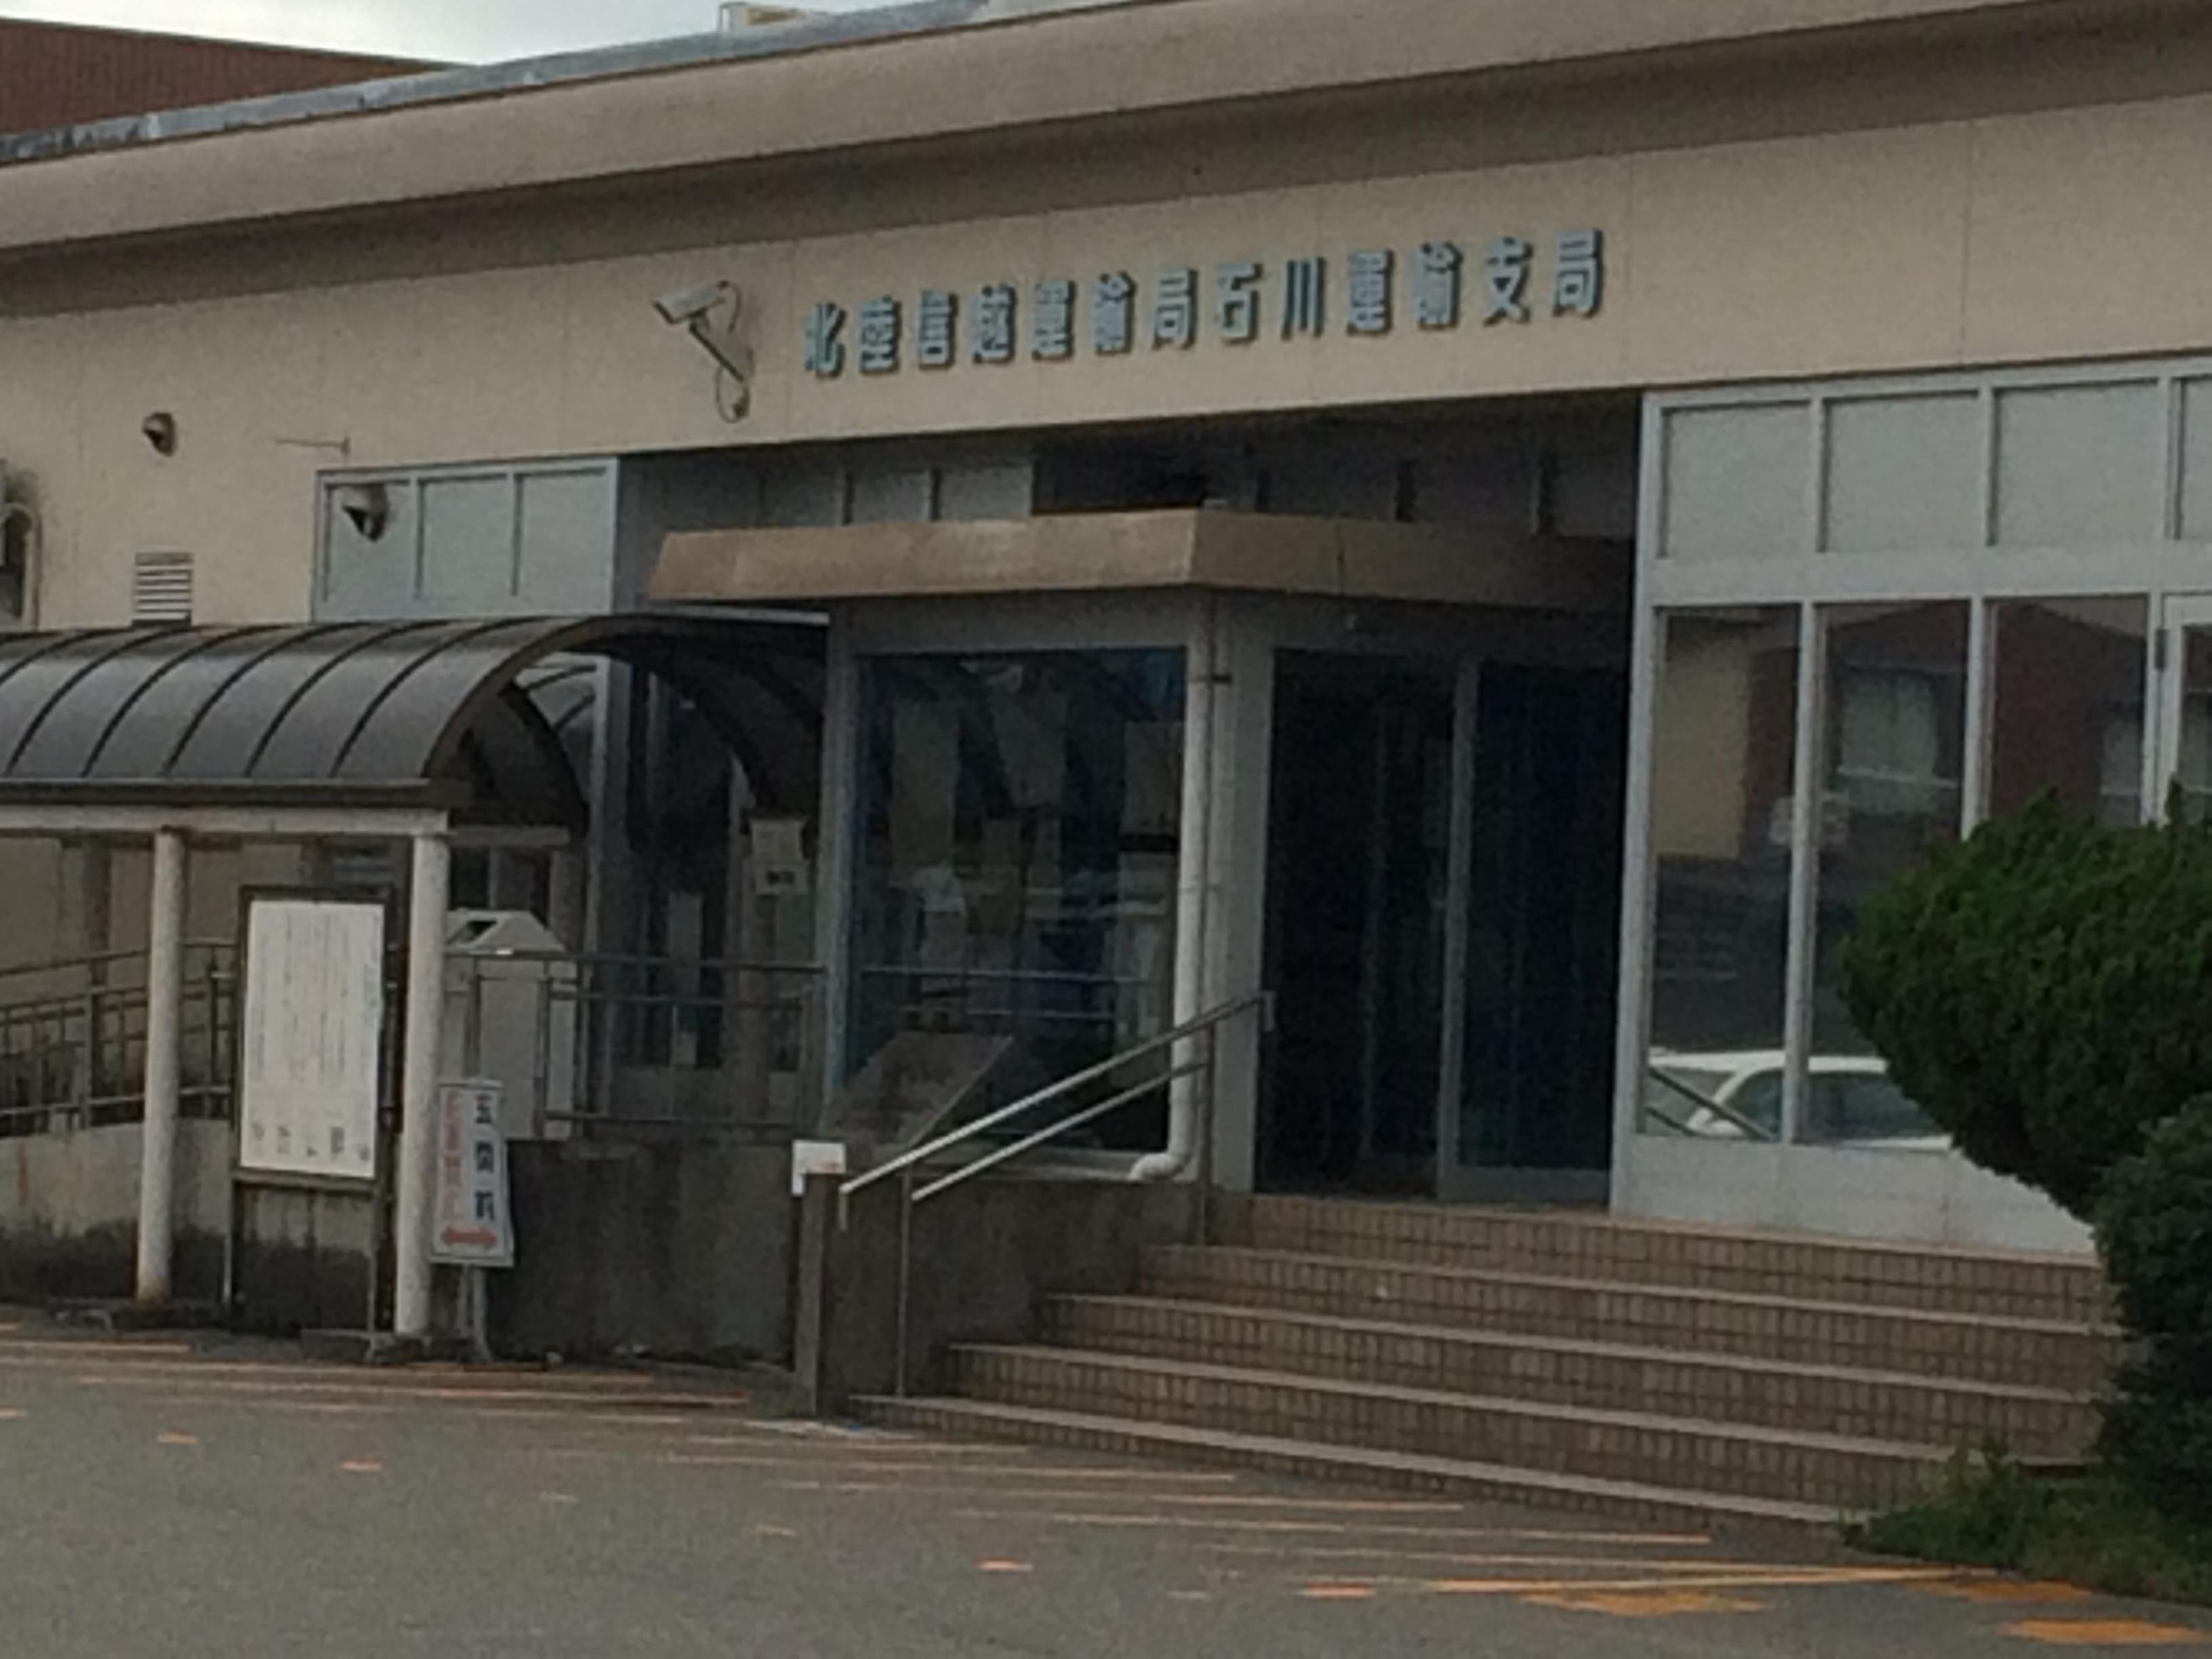 石川運輸支局